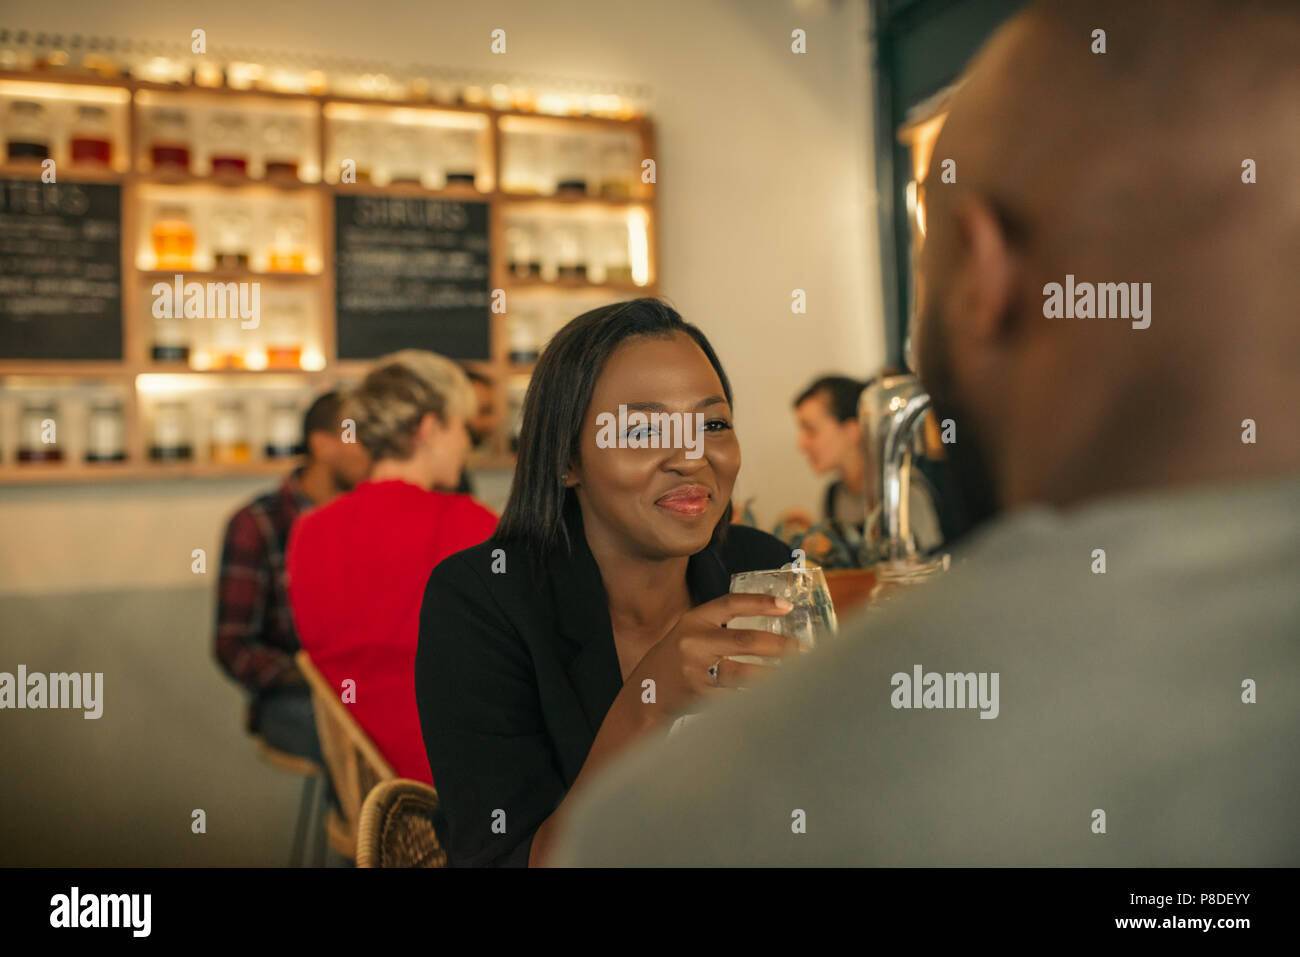 Mujer sonriente disfrutando de una noche con su novio Imagen De Stock